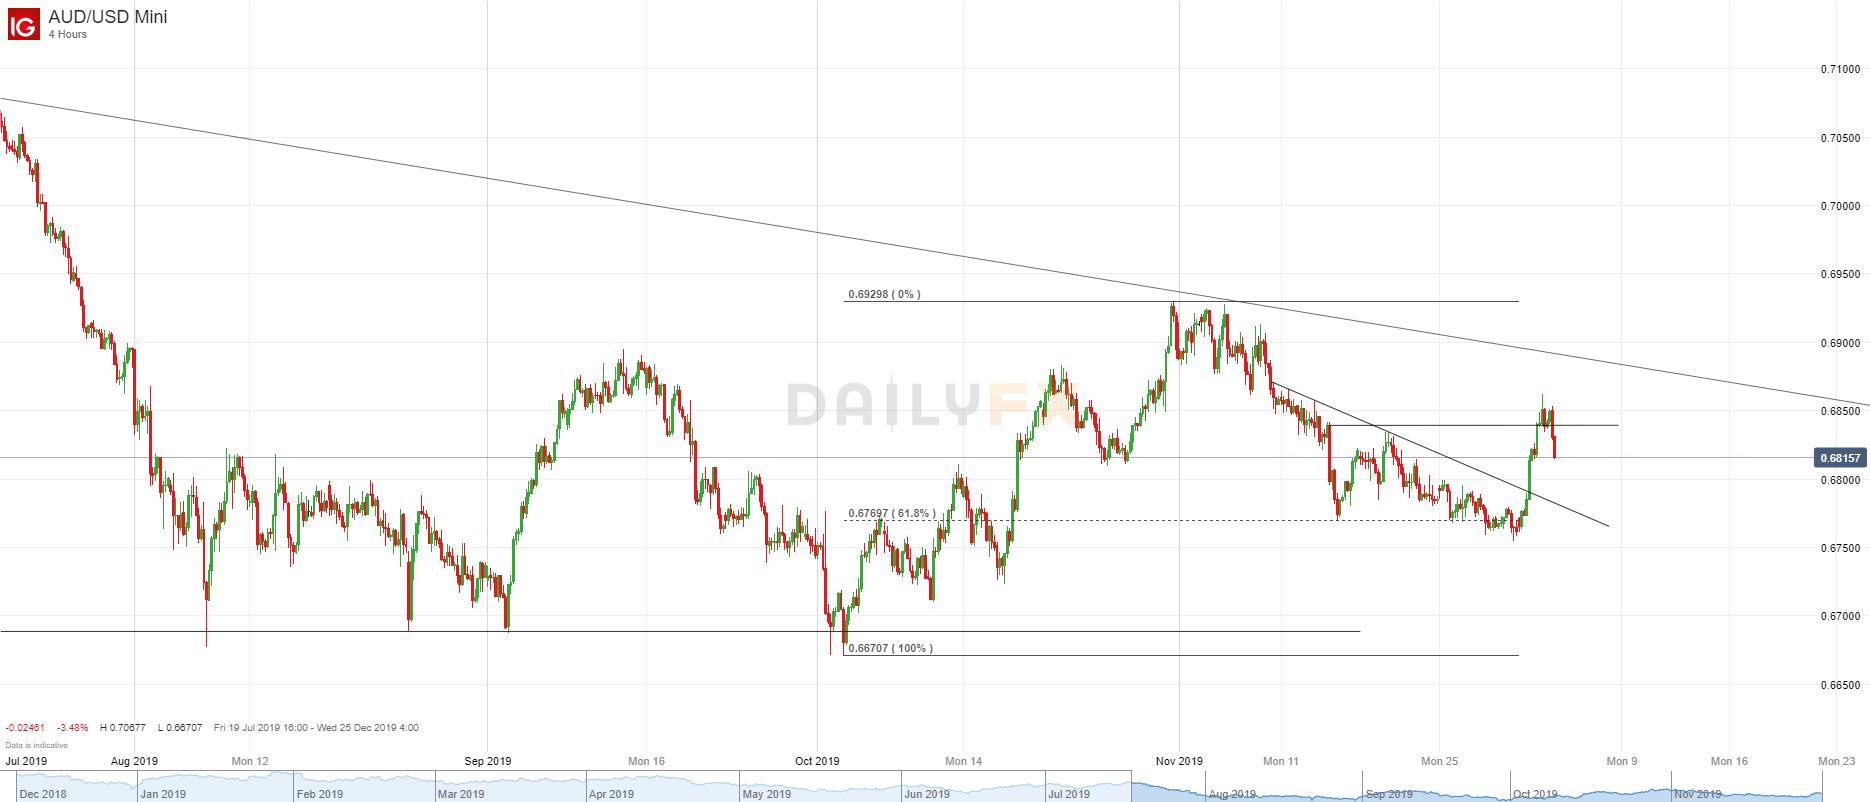 澳元/美元技术分析:回落至0.6840下方,短期方向不再明朗